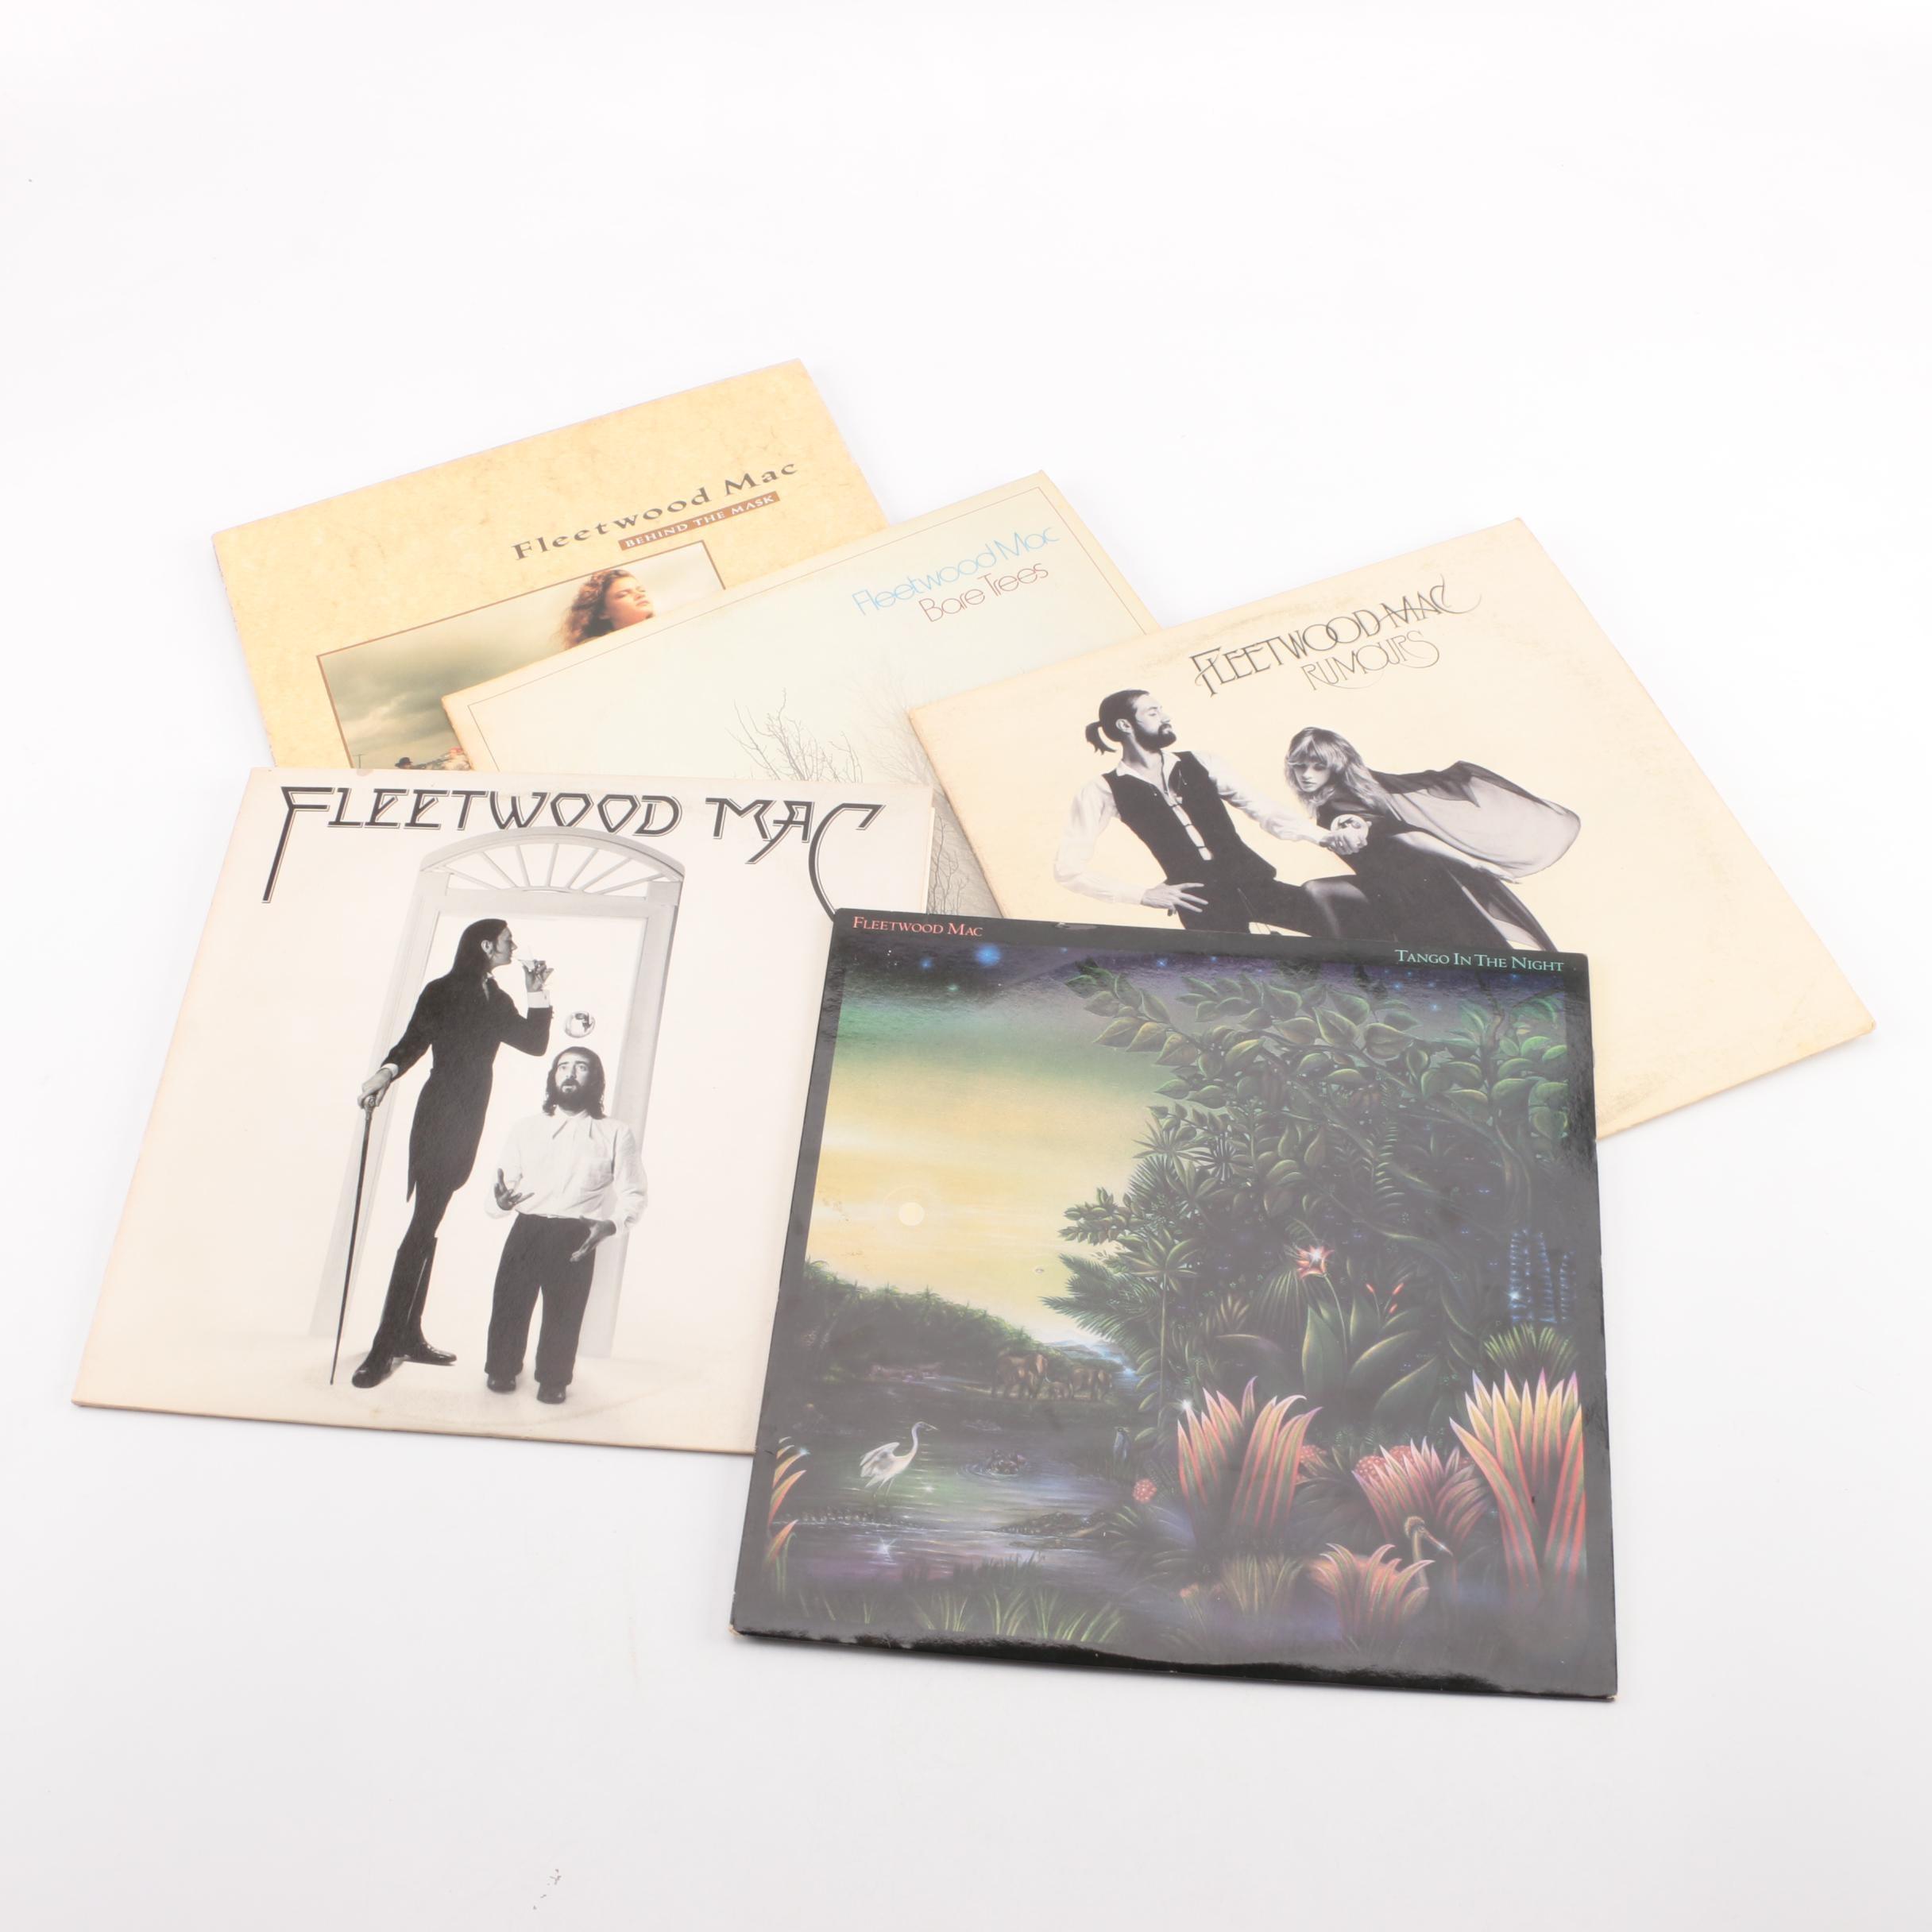 Fleetwood Mac LPs